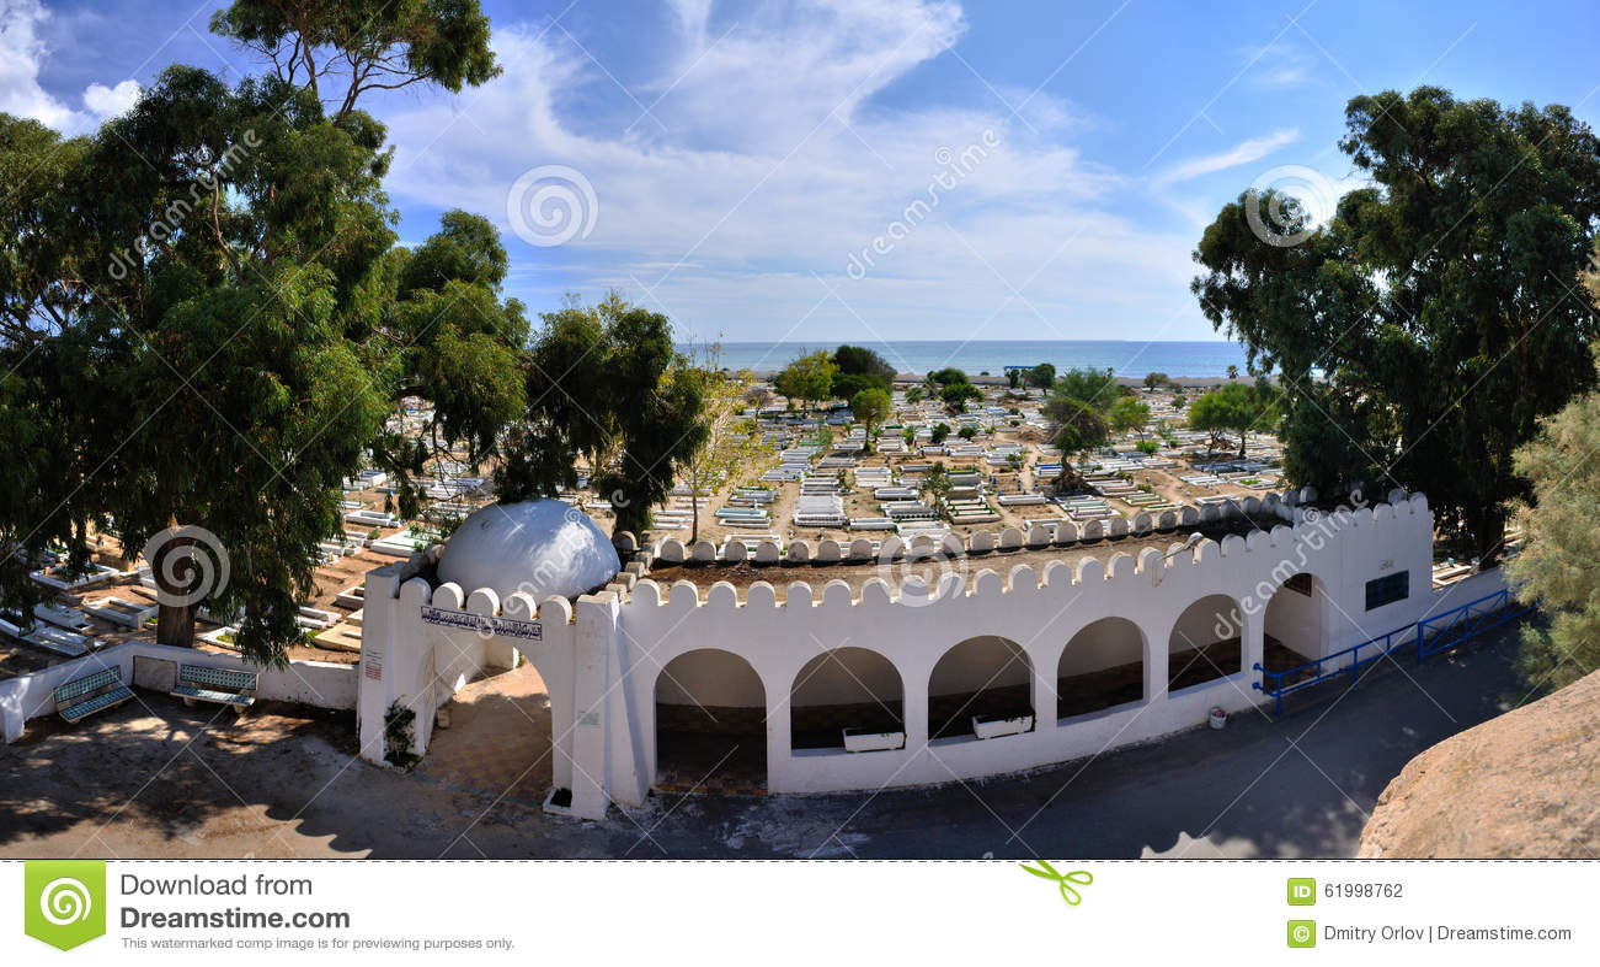 Cimetière antique près de la Médina, Hammamet, Tunisie, S méditerranéen